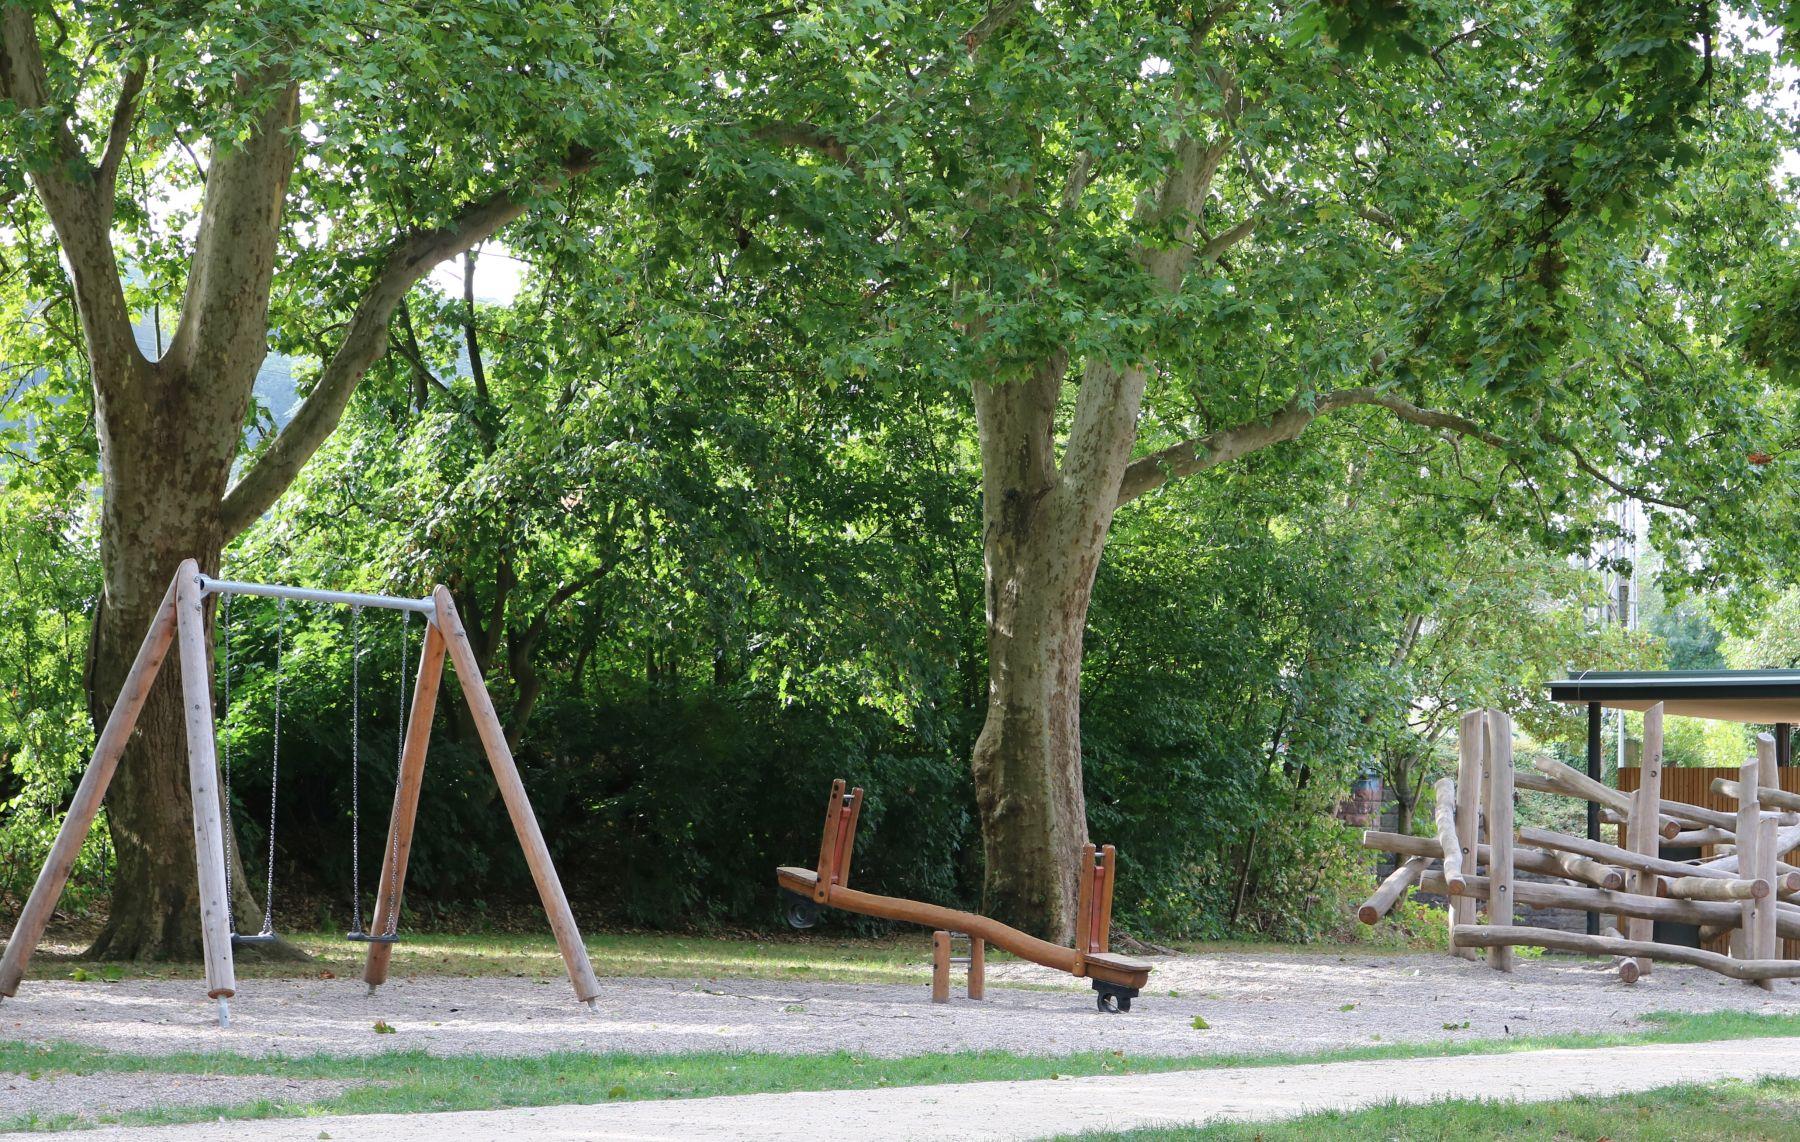 Im Eingangsbereich des Stadtparks befindet sich ein Spielplatz, der hier zu sehen ist.